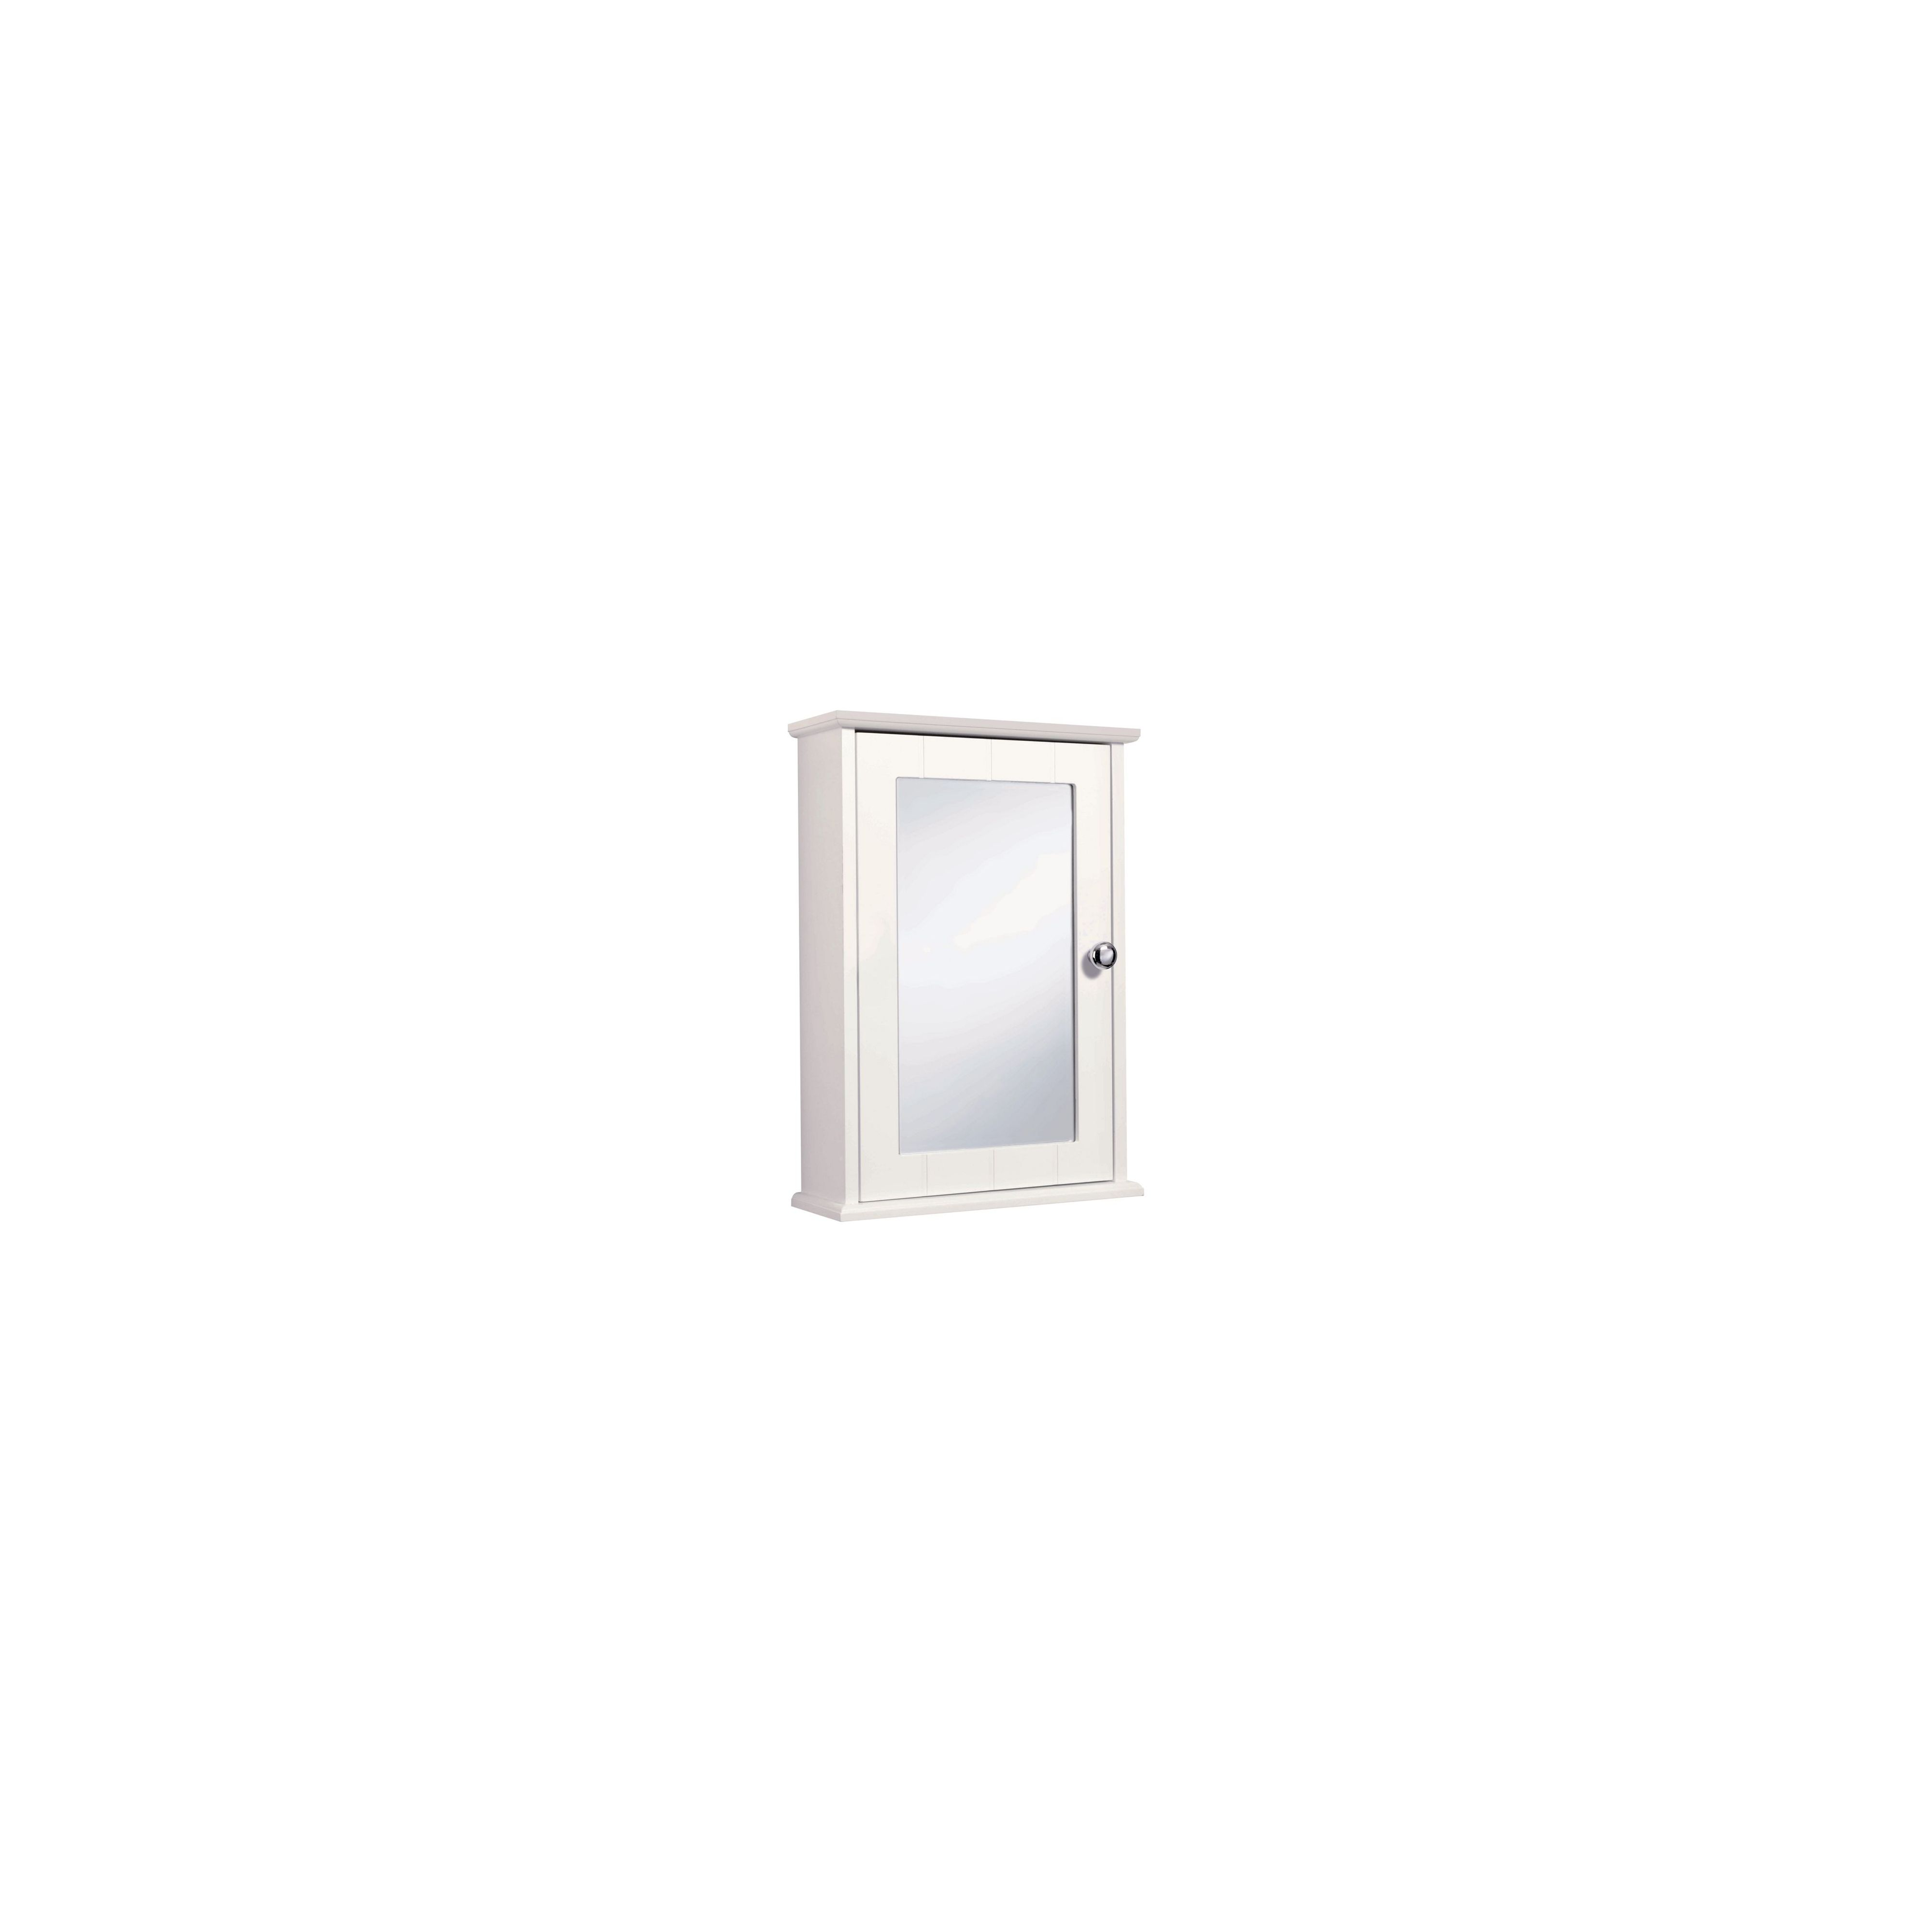 Croydex Virginia Single Mirror Door Bathroom Cabinet - White